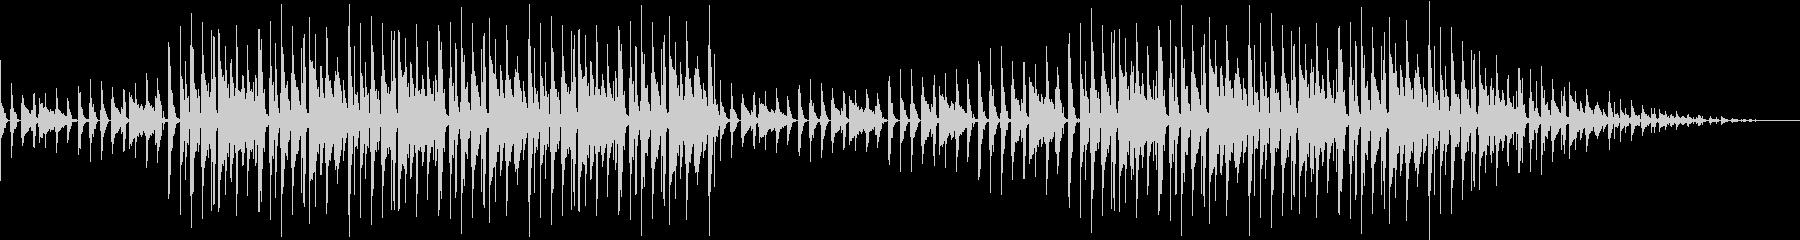 ノリが良くて爽やかなディスコサウンドの未再生の波形